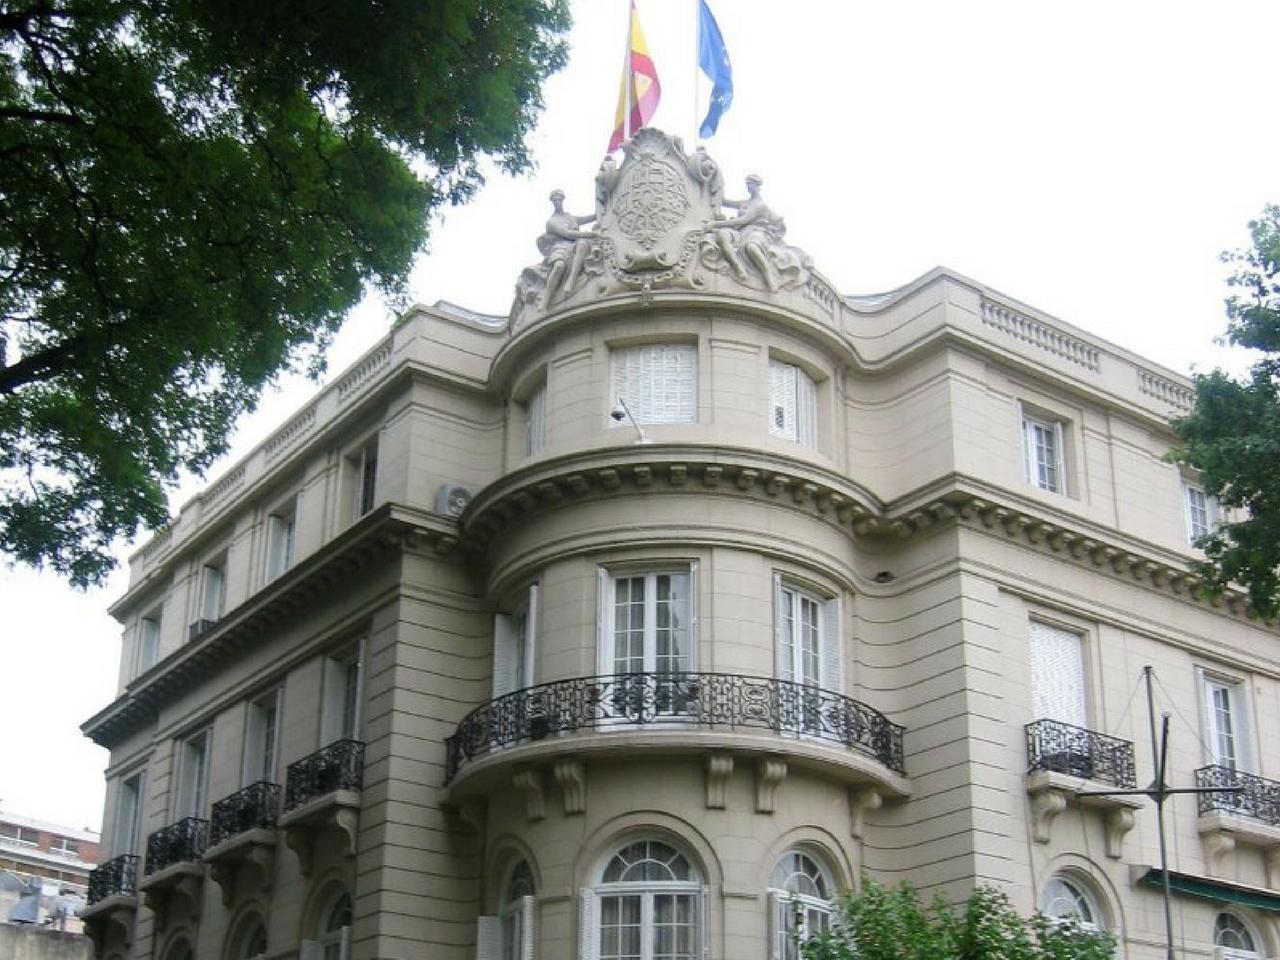 Embajada de espa a en argentina - Embaja de espana ...